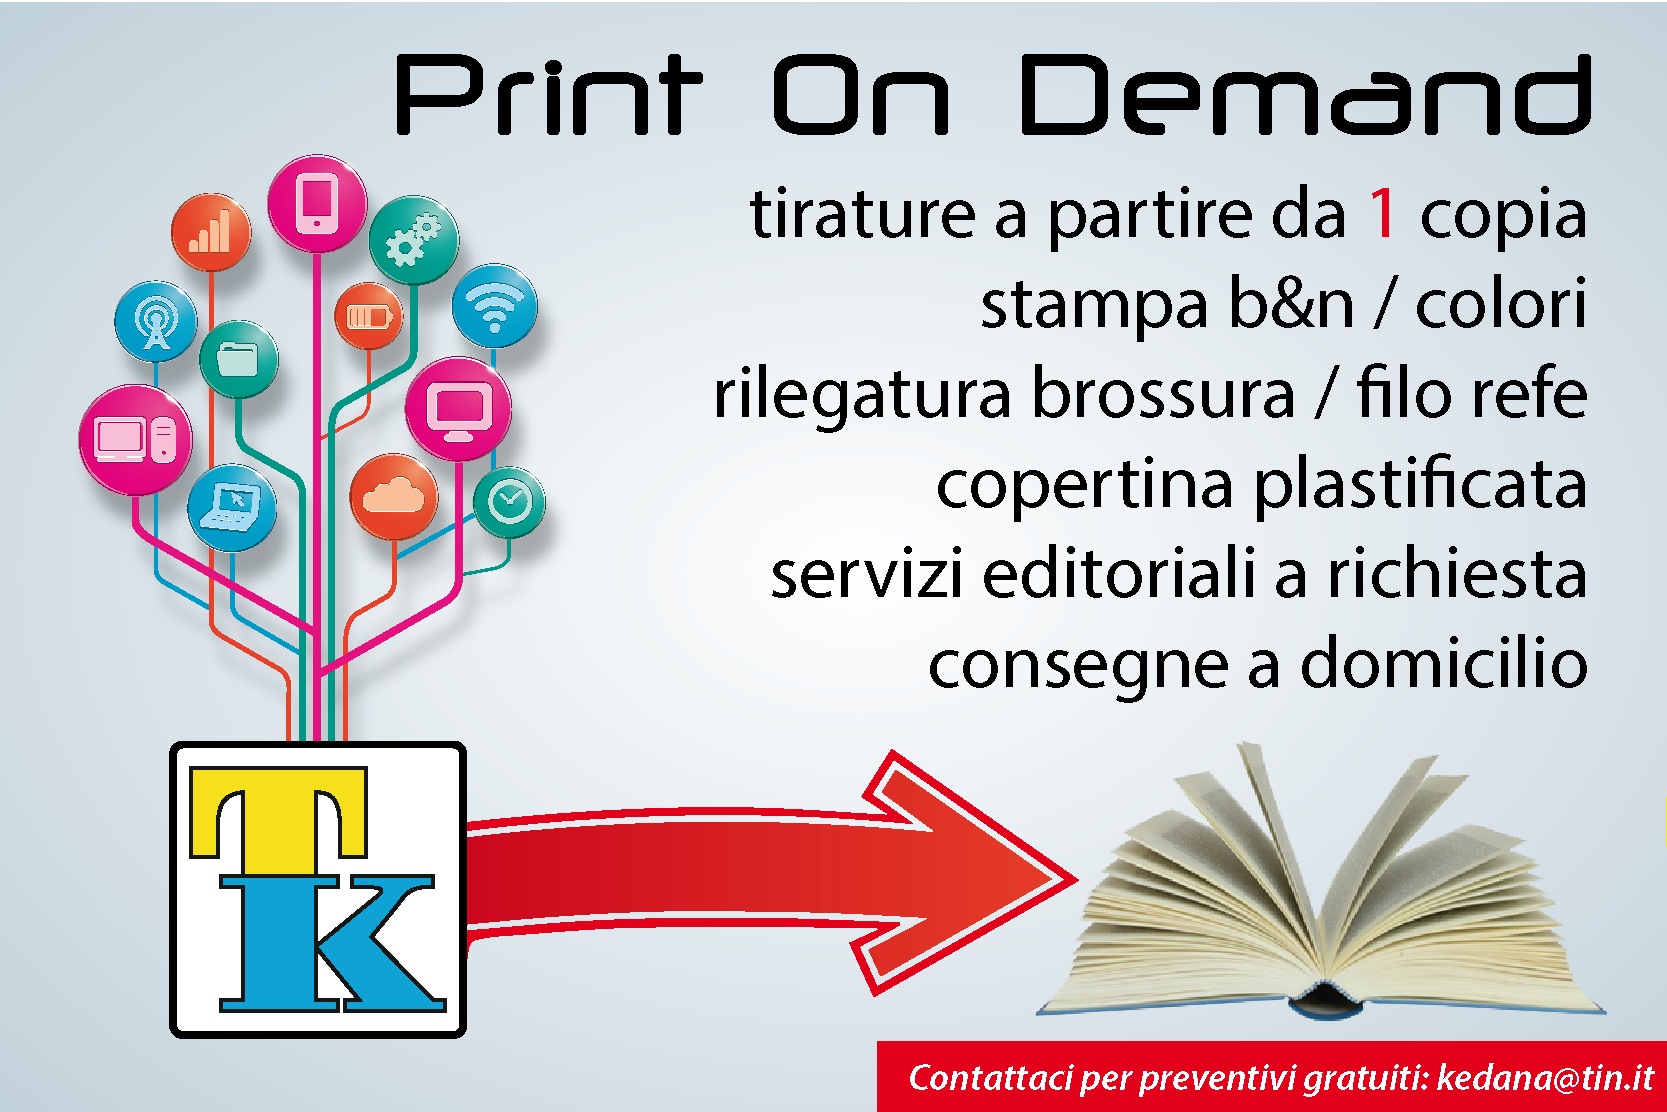 Casa Editrice Edizioni Paguro - 089821723 Vuoi pubblicare il tuo libro Pubblica il tuo libro  editrice editrice san casa quattroventi